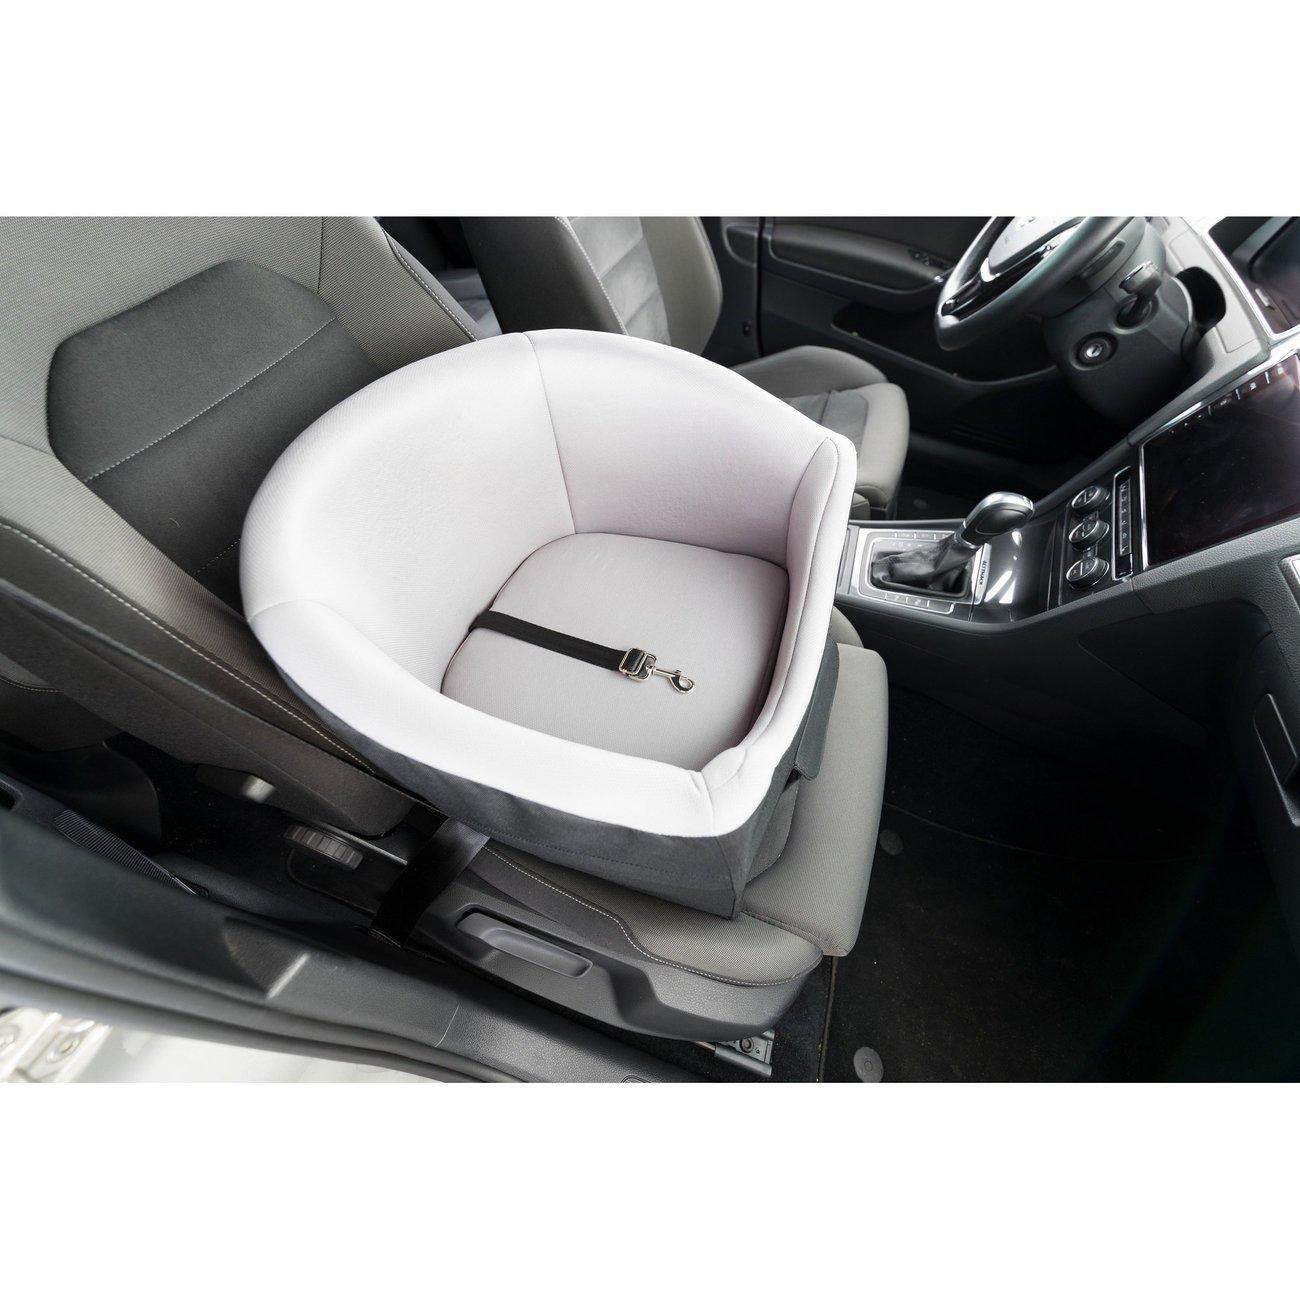 TRIXIE Autositz für kleine Hunde bis 8 kg 13176, Bild 8